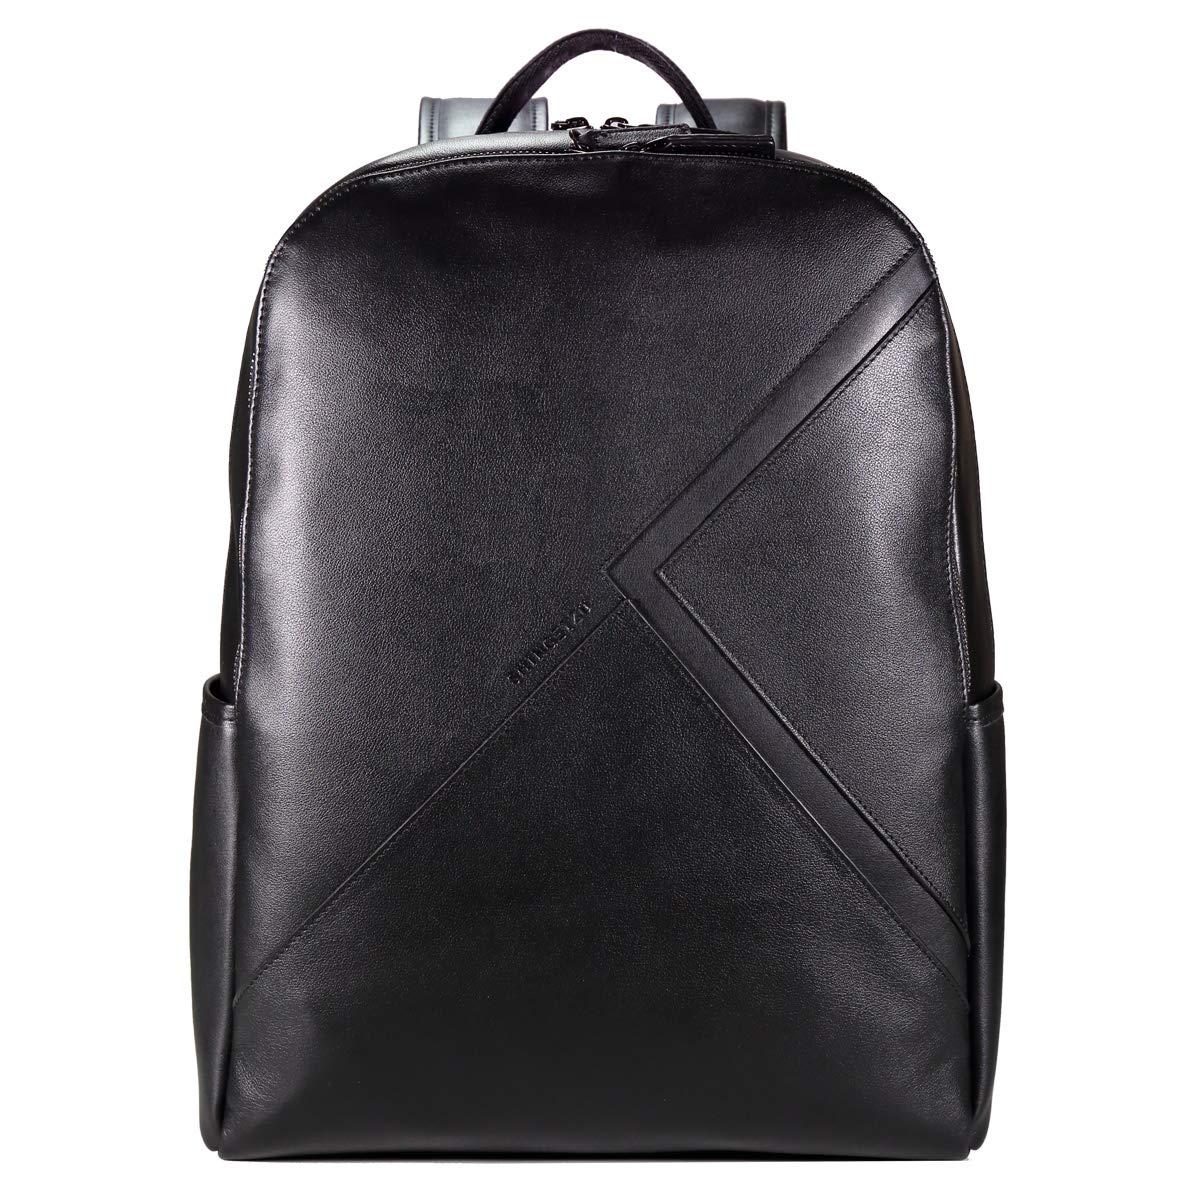 「鎌倉真月」本革 バックパック リュックサック メンズ 牛革 レザーバッグ 鞄 高級 カジュアル A4 通勤 仕事 ビジネス BPHT-0004-BLK   B07K47CDQT